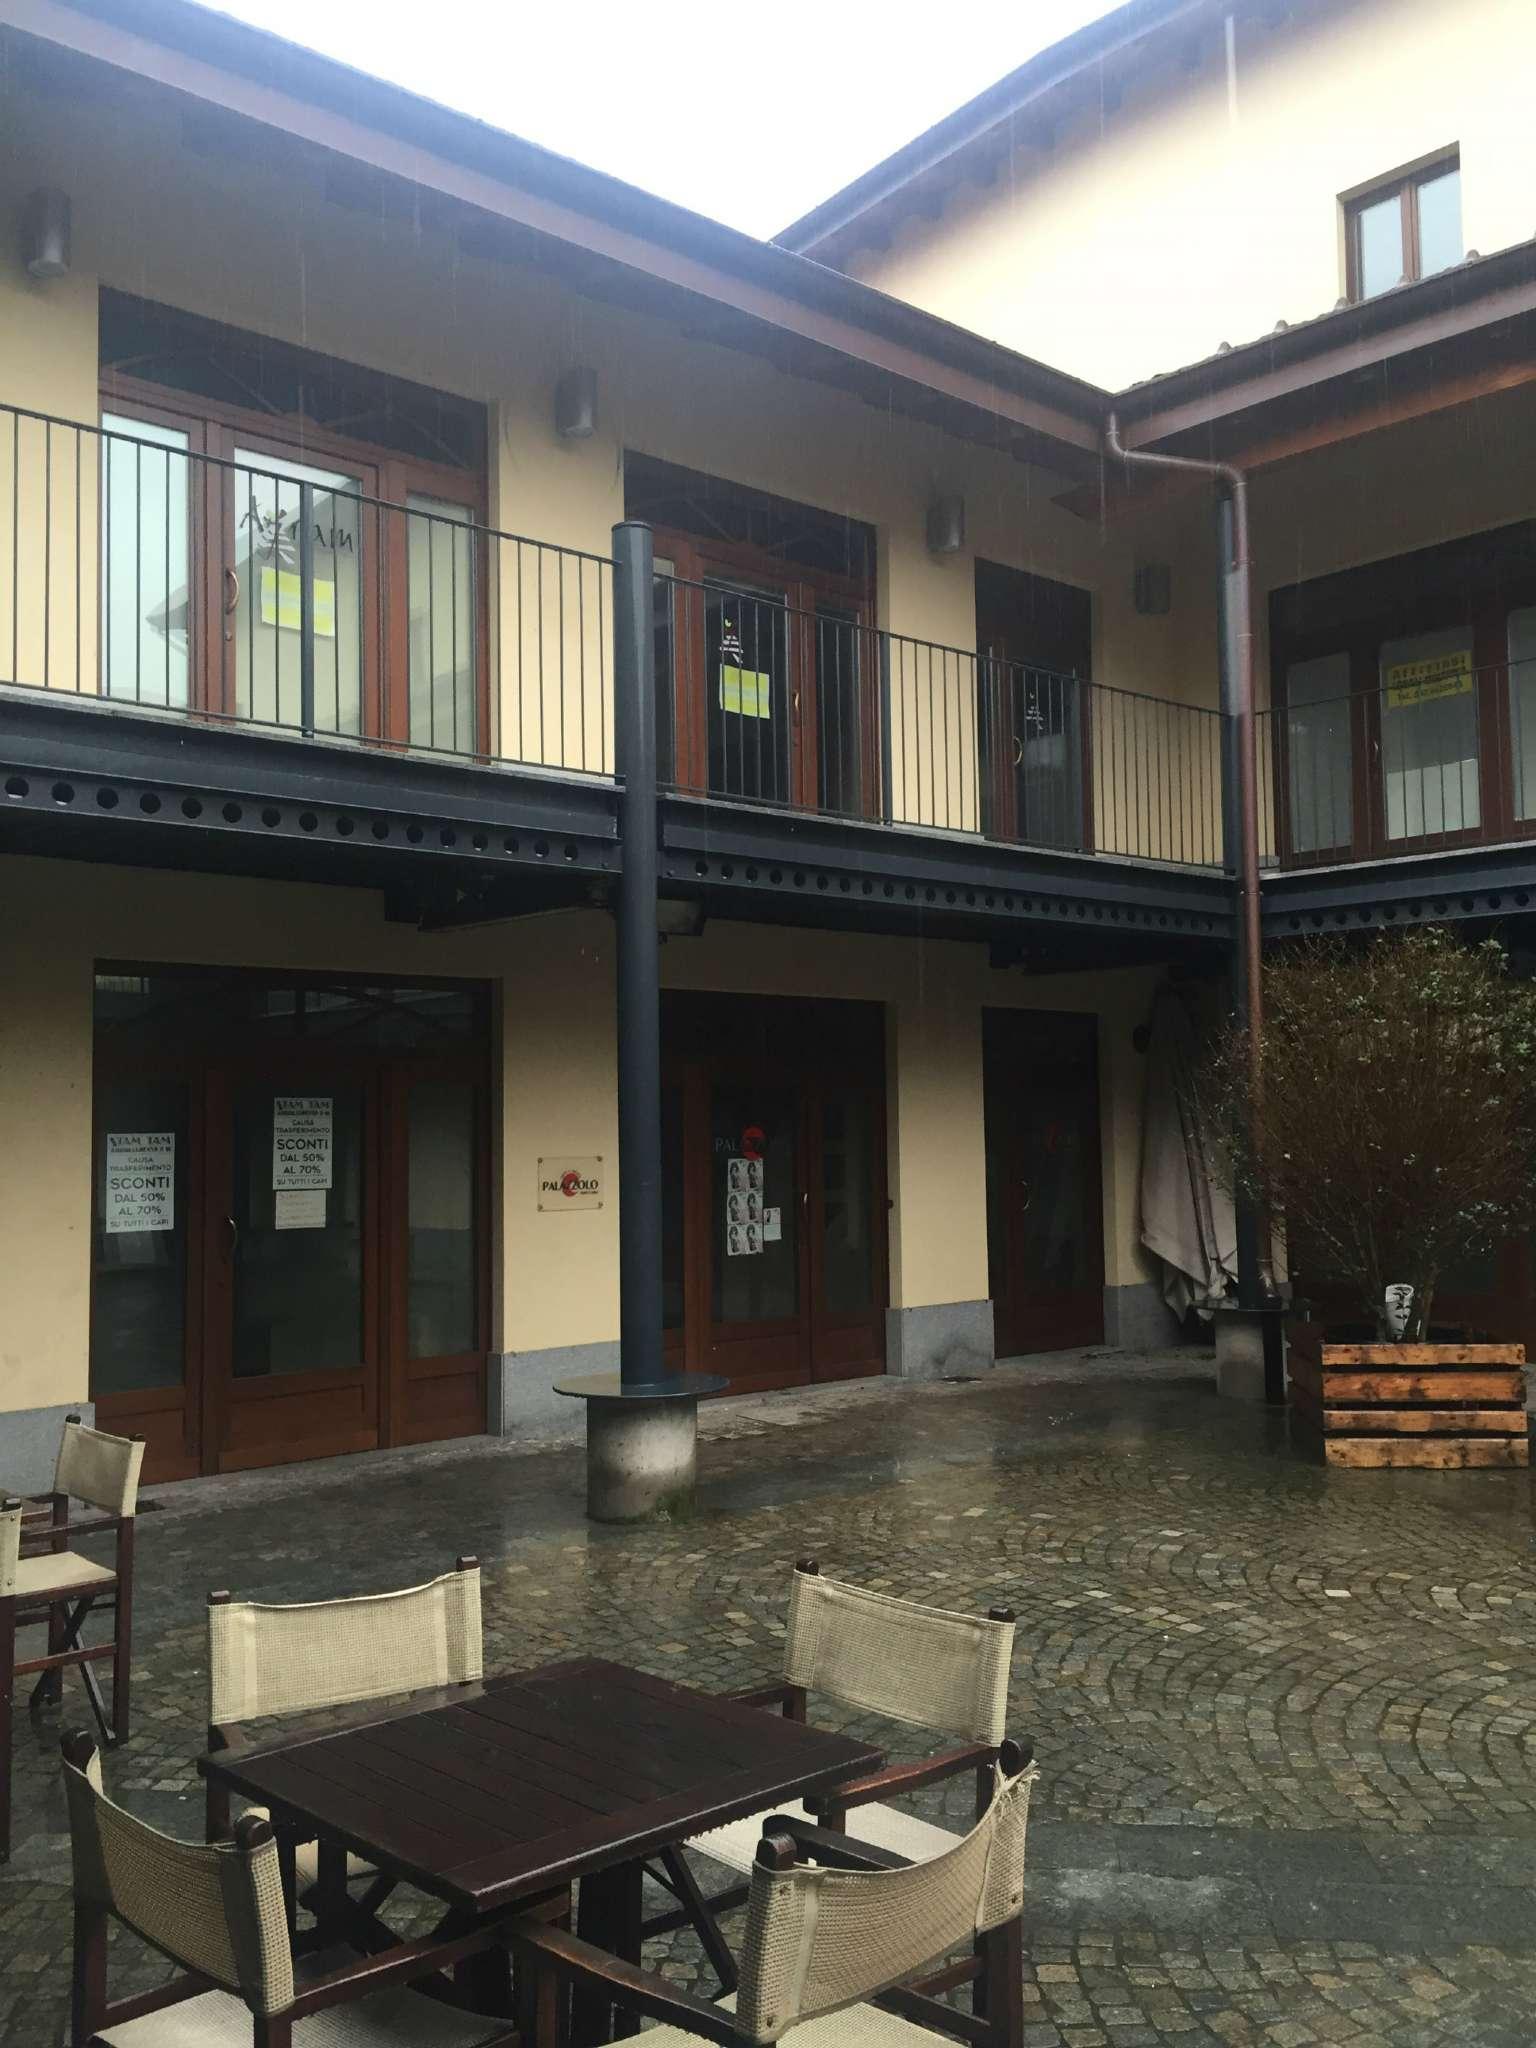 Negozio / Locale in vendita a Volpiano, 1 locali, prezzo € 27.500 | CambioCasa.it